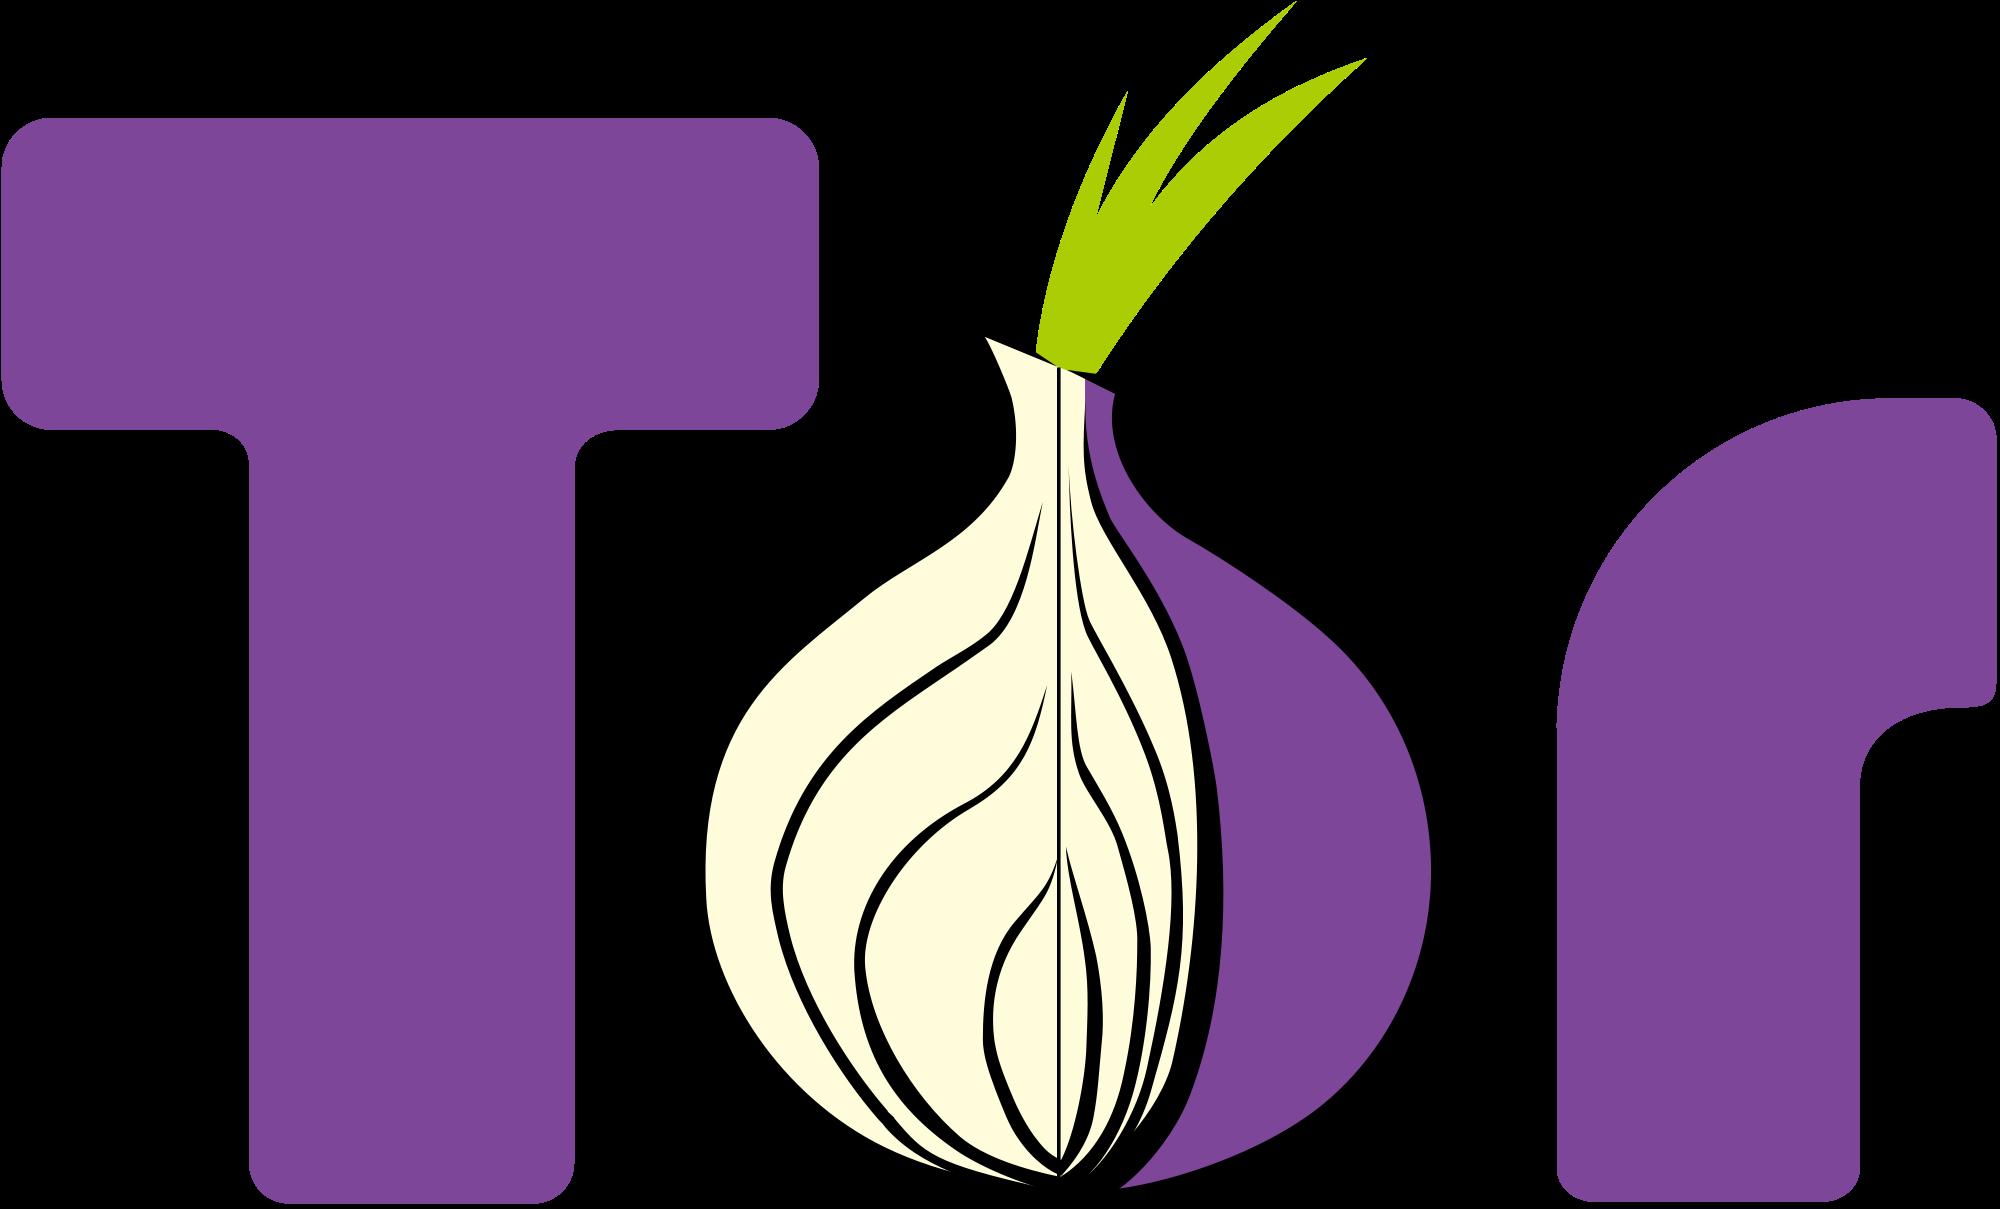 SSH Over TorBrowser